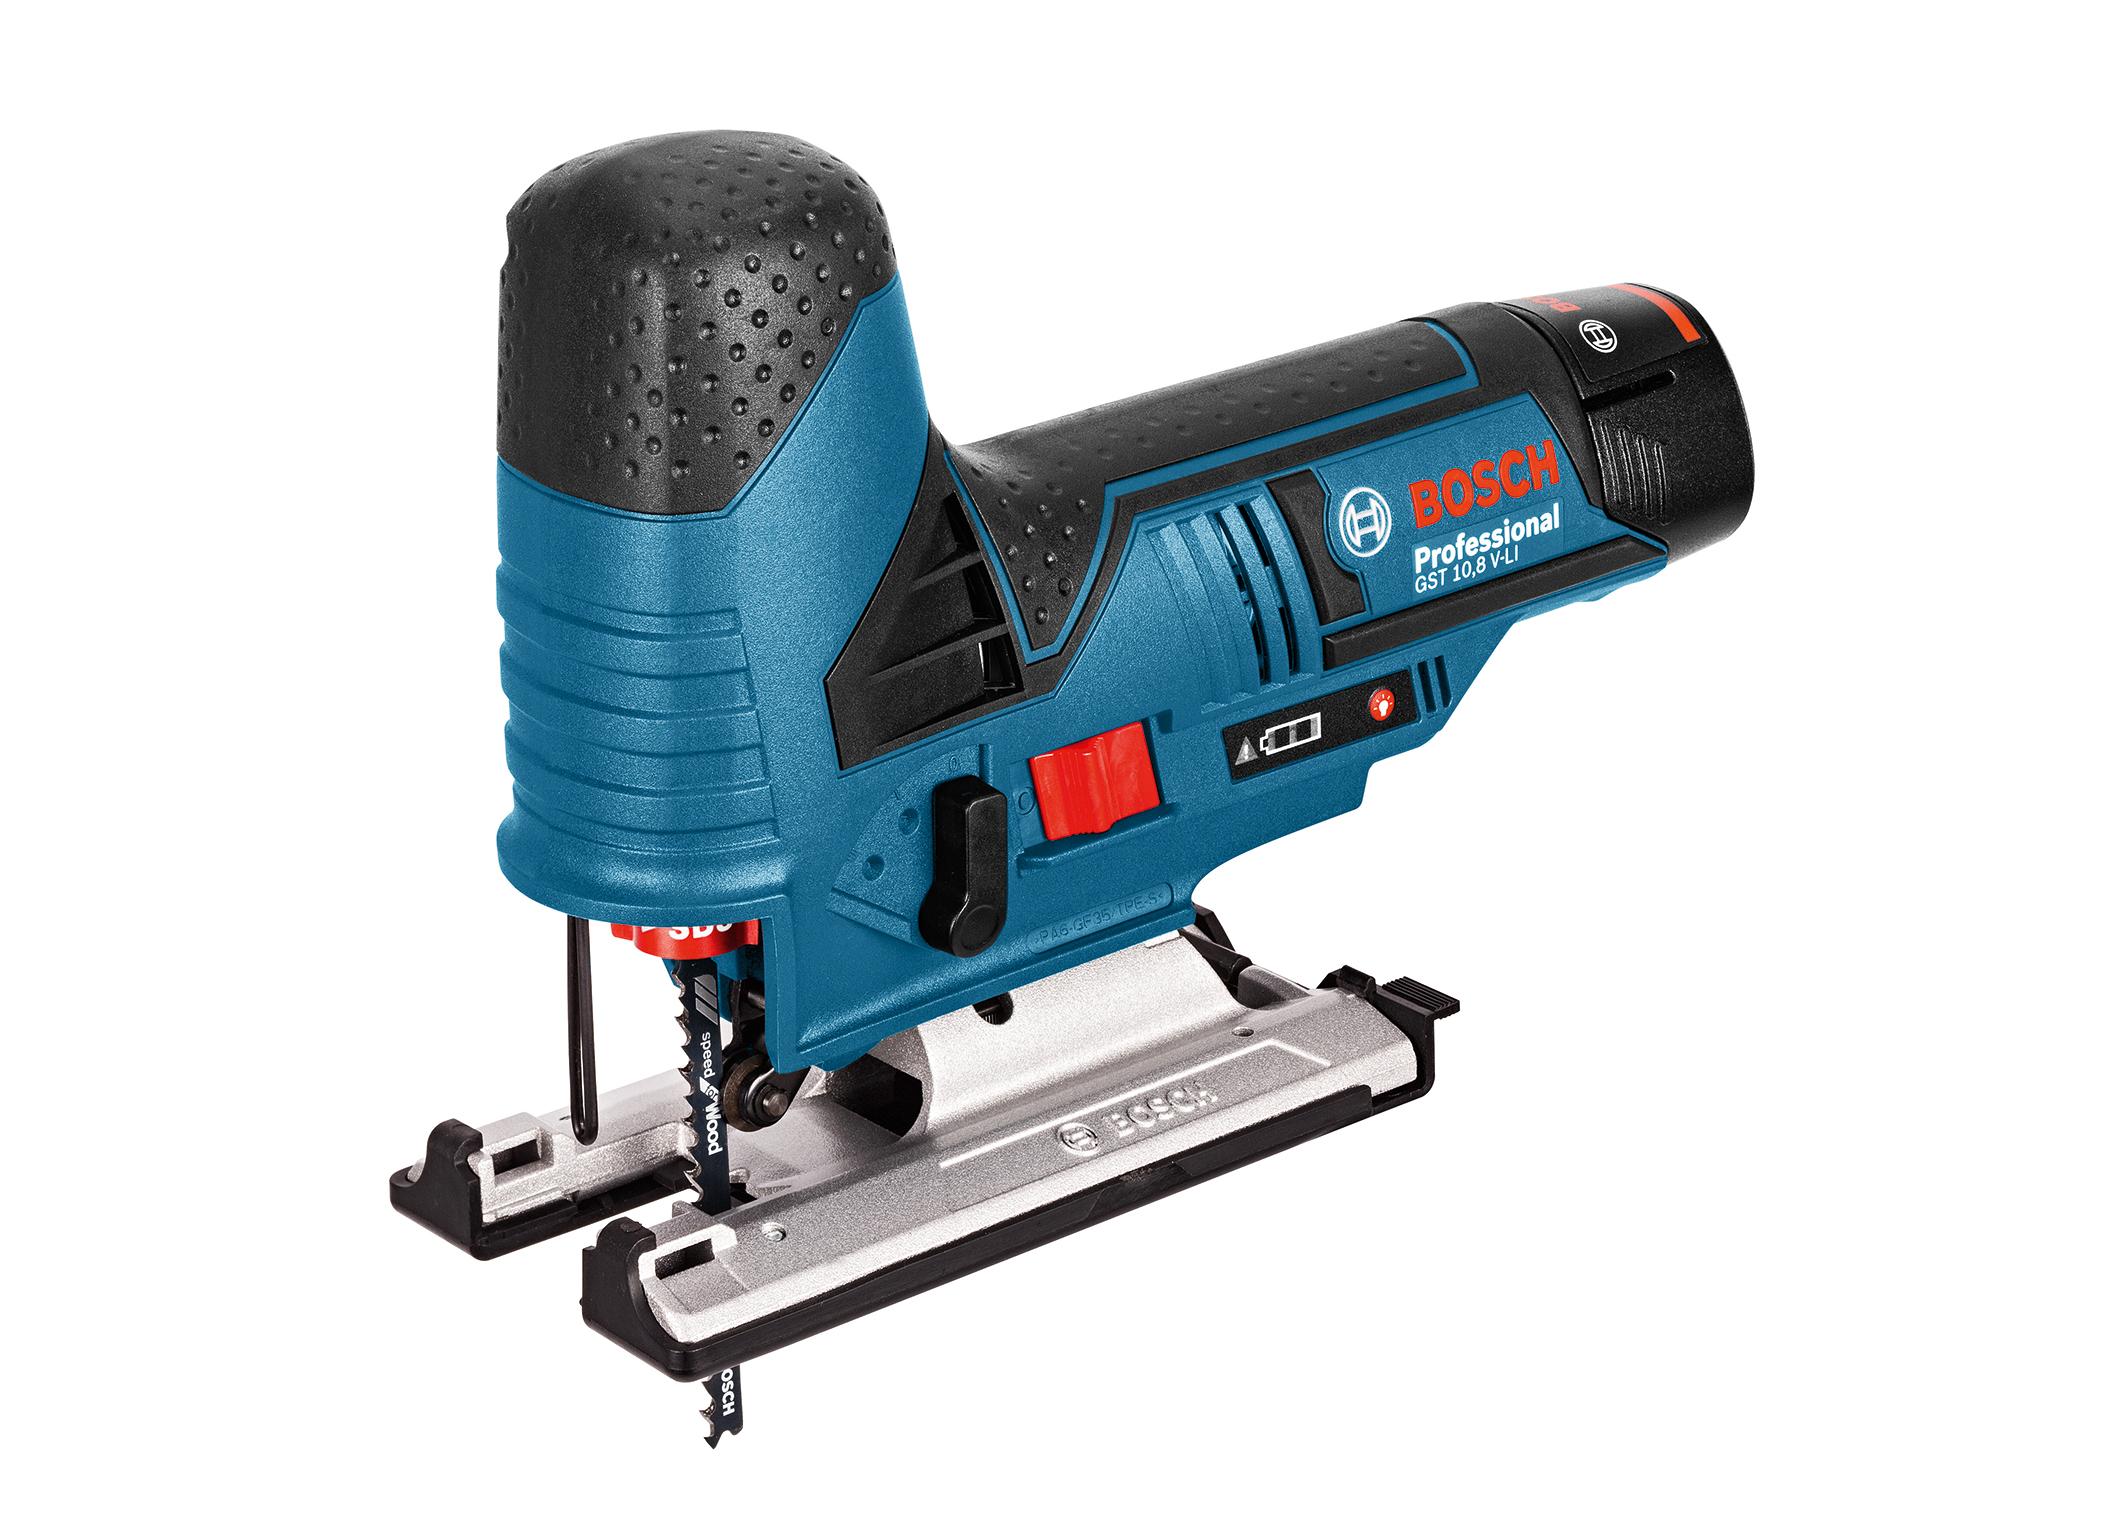 neues bei Bosch blau